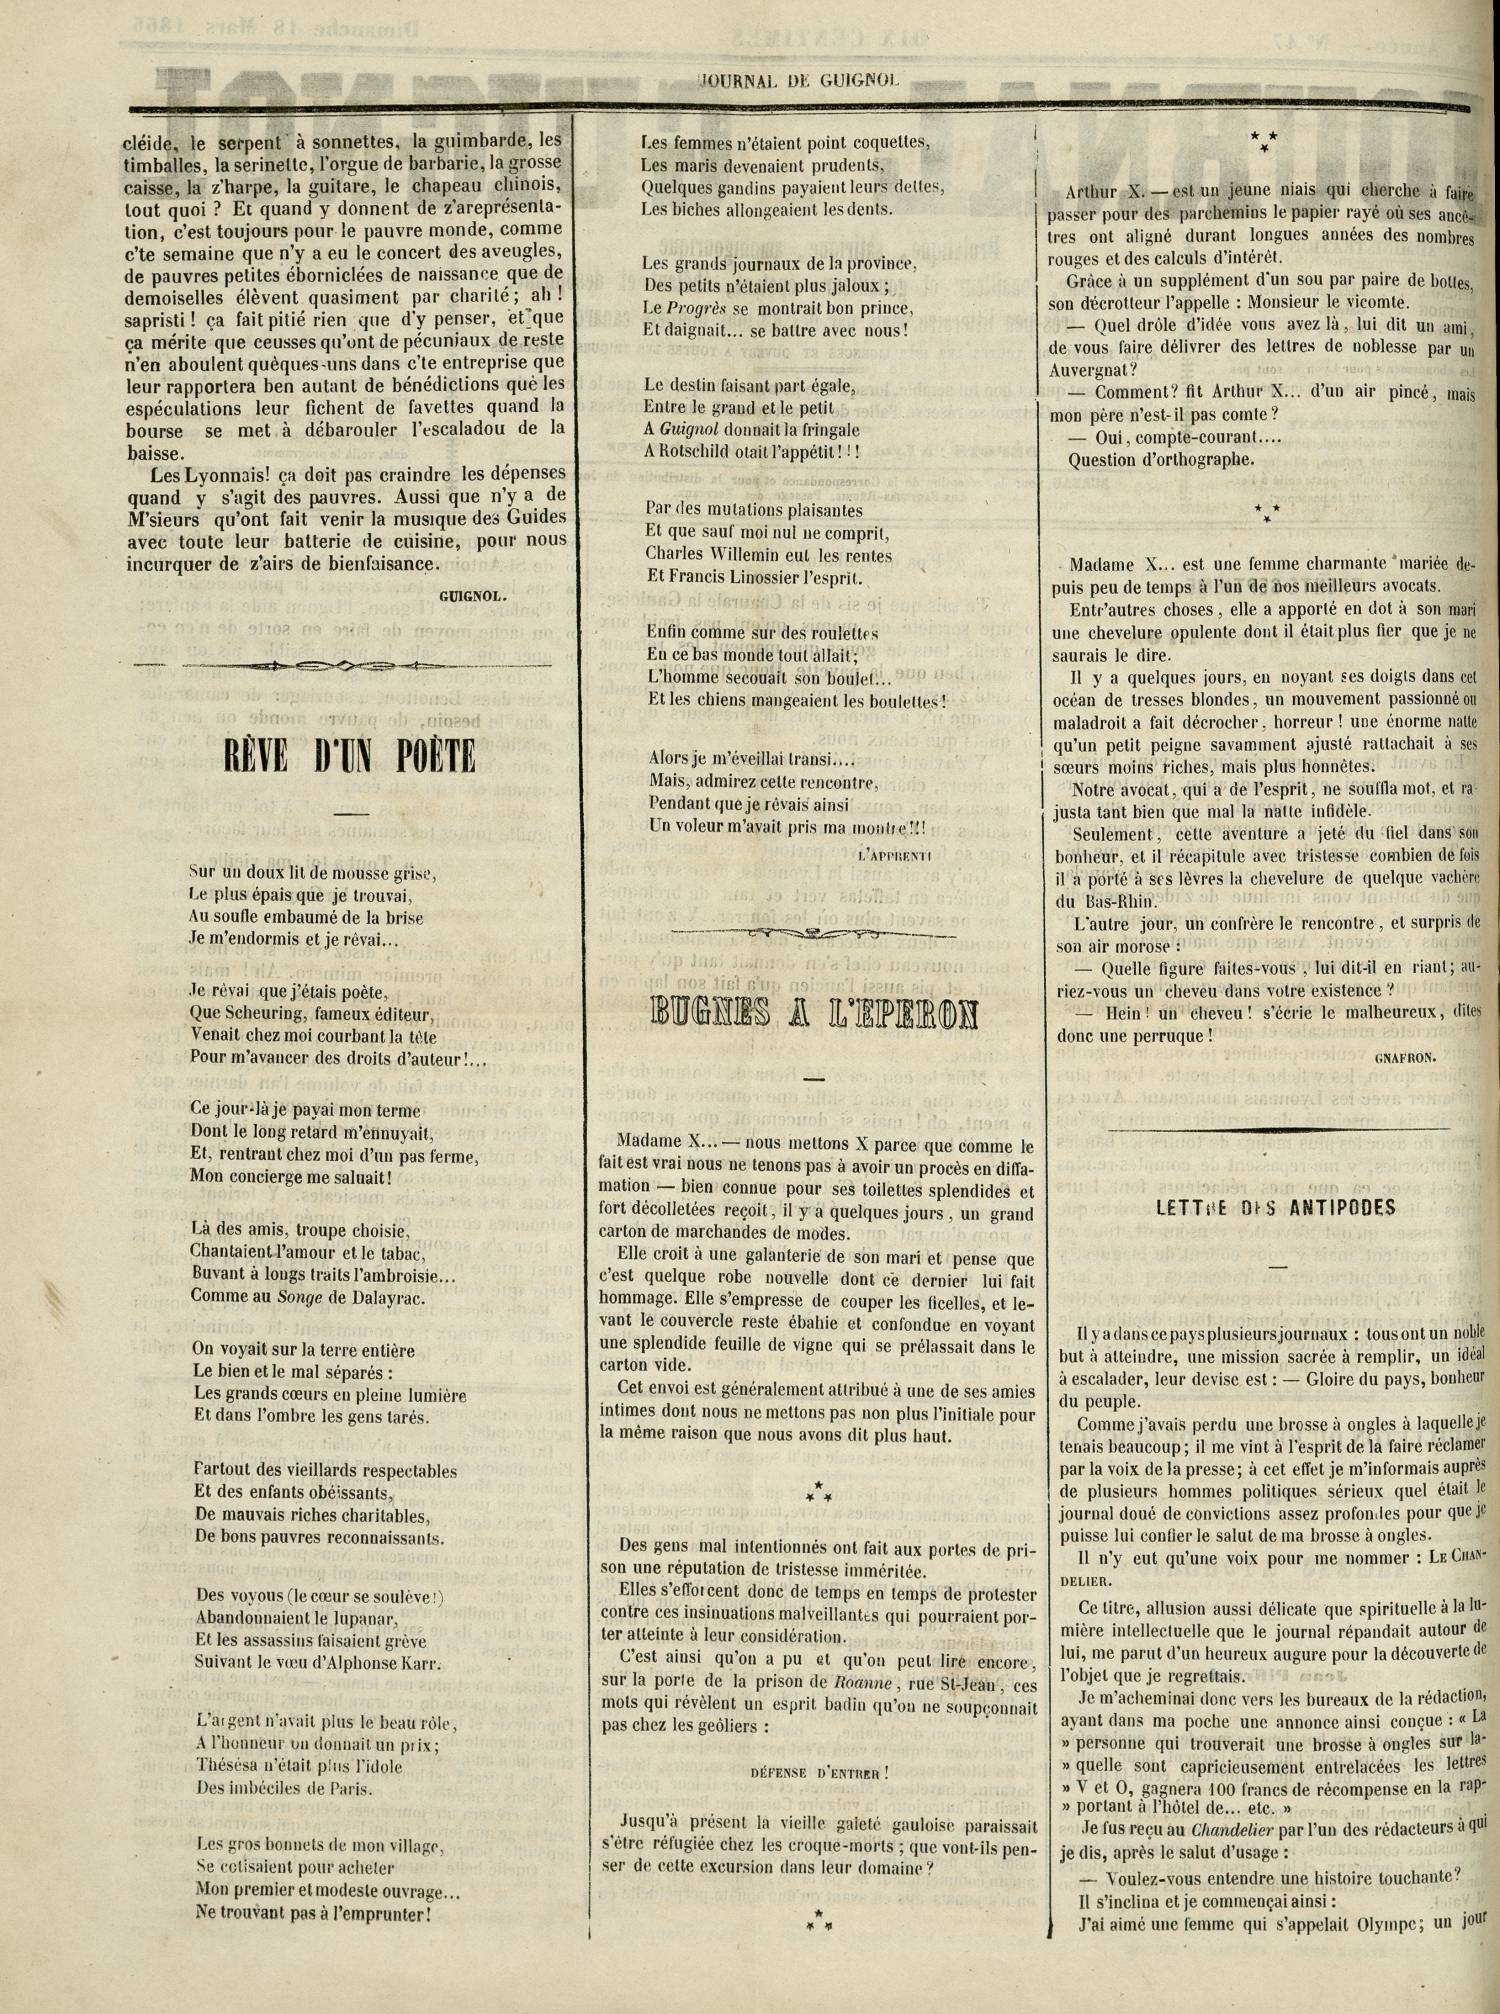 Contenu textuel de l'image : BUGNES A L'EPERON